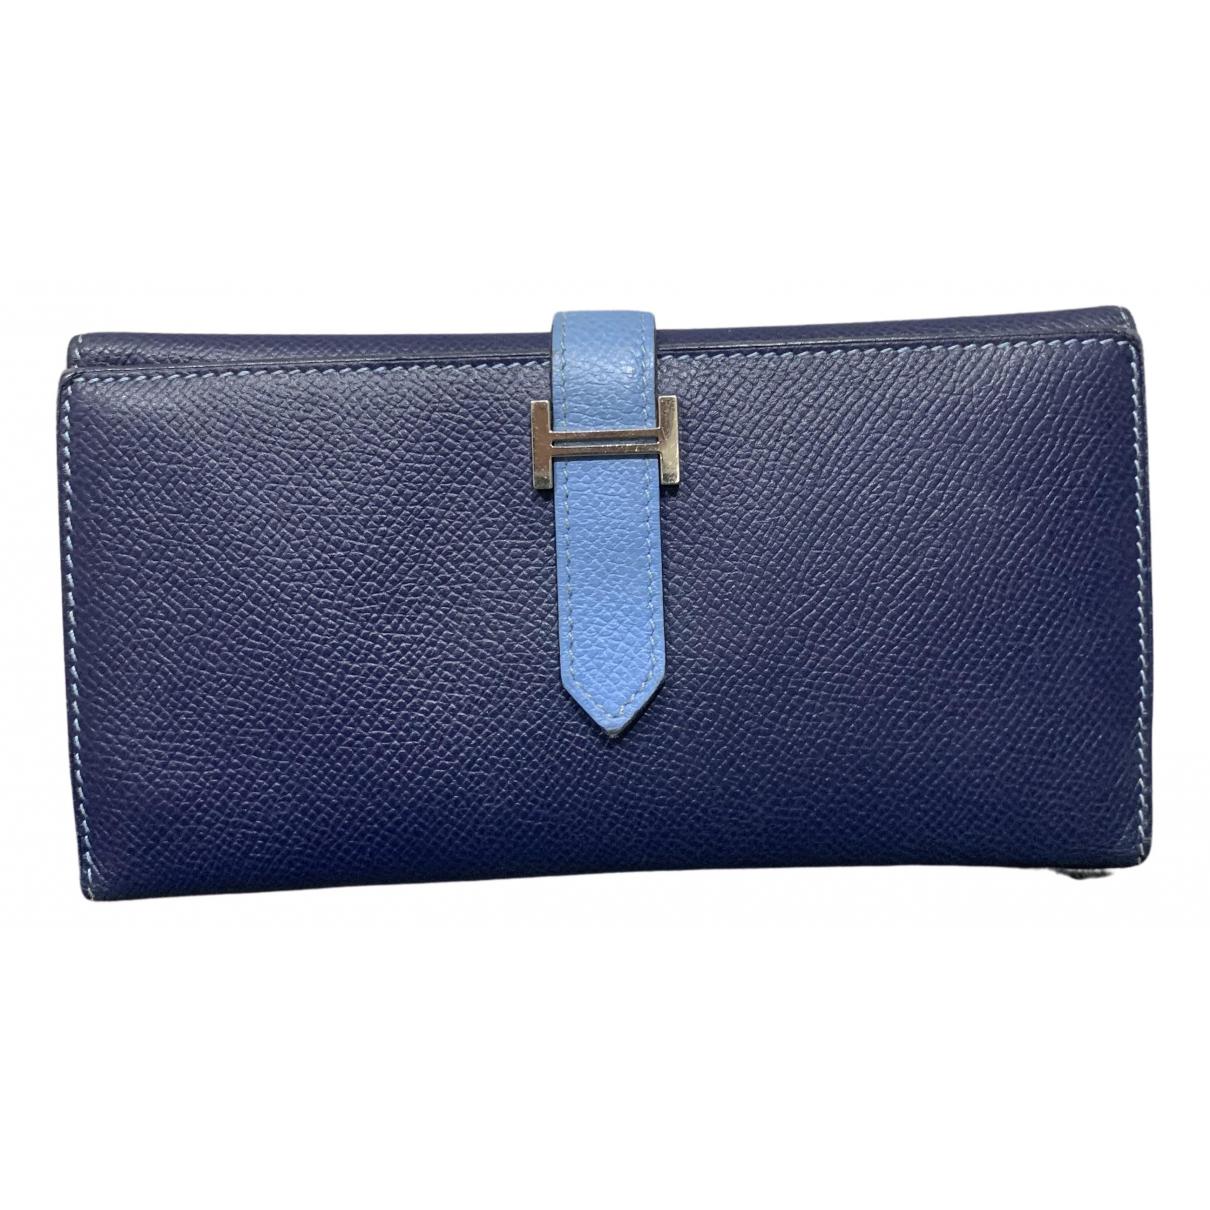 Hermes - Portefeuille Bearn pour femme en cuir - bleu